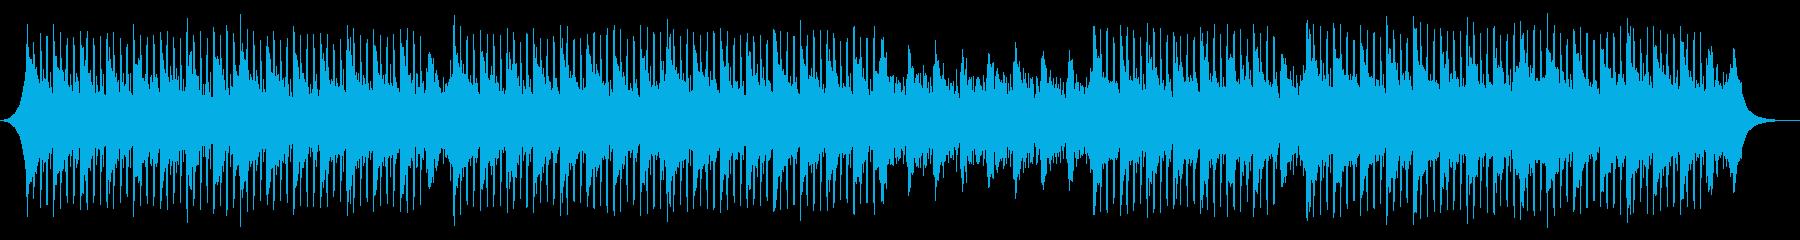 インタビュー音楽の再生済みの波形